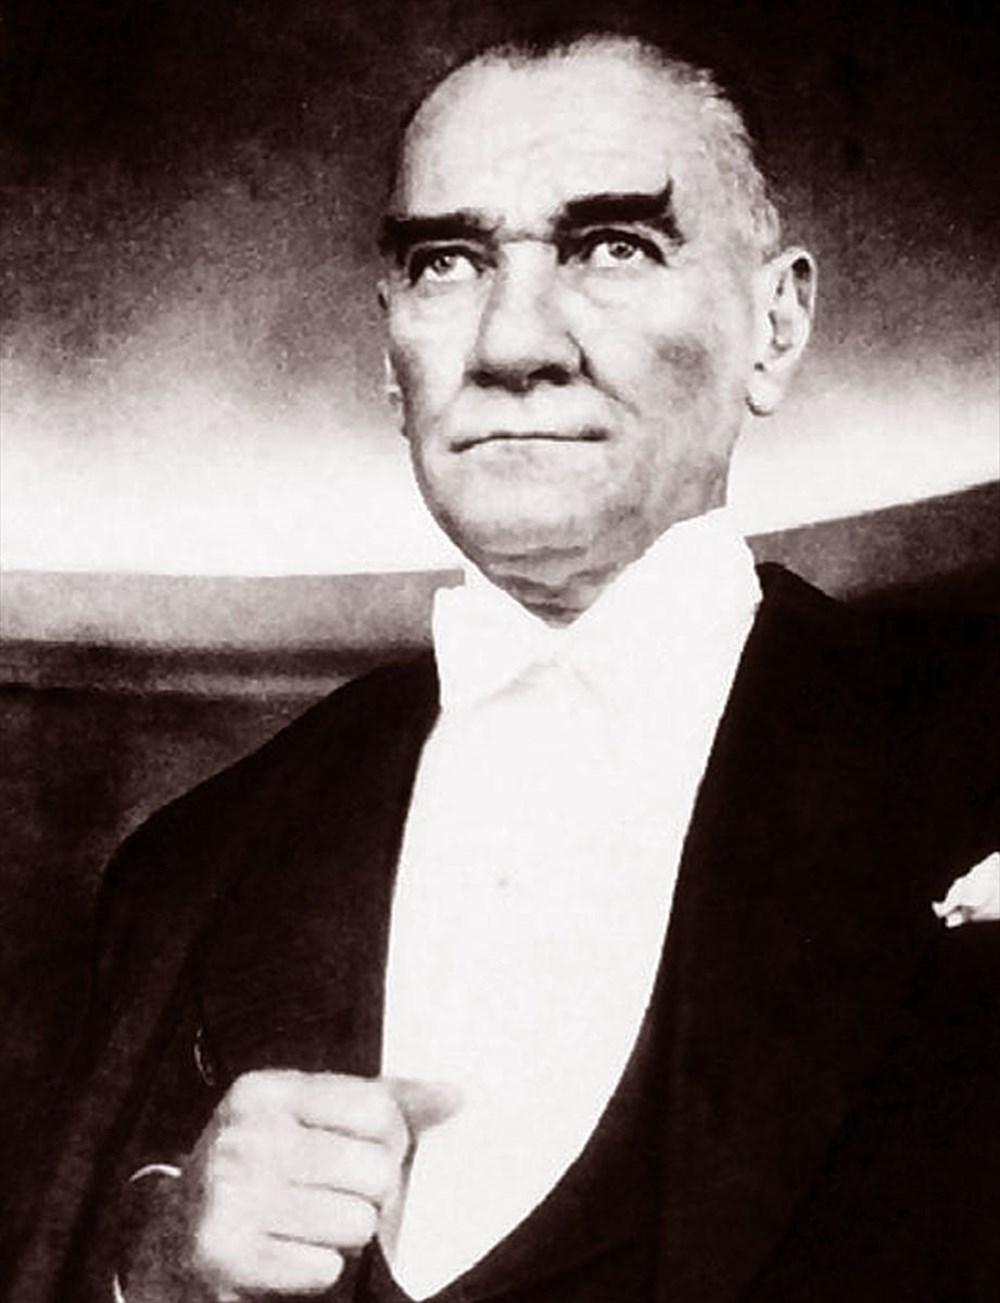 Türkiye Cumhuriyeti 97 yaşında (29 Ekim Cumhuriyet Bayramı) - 36